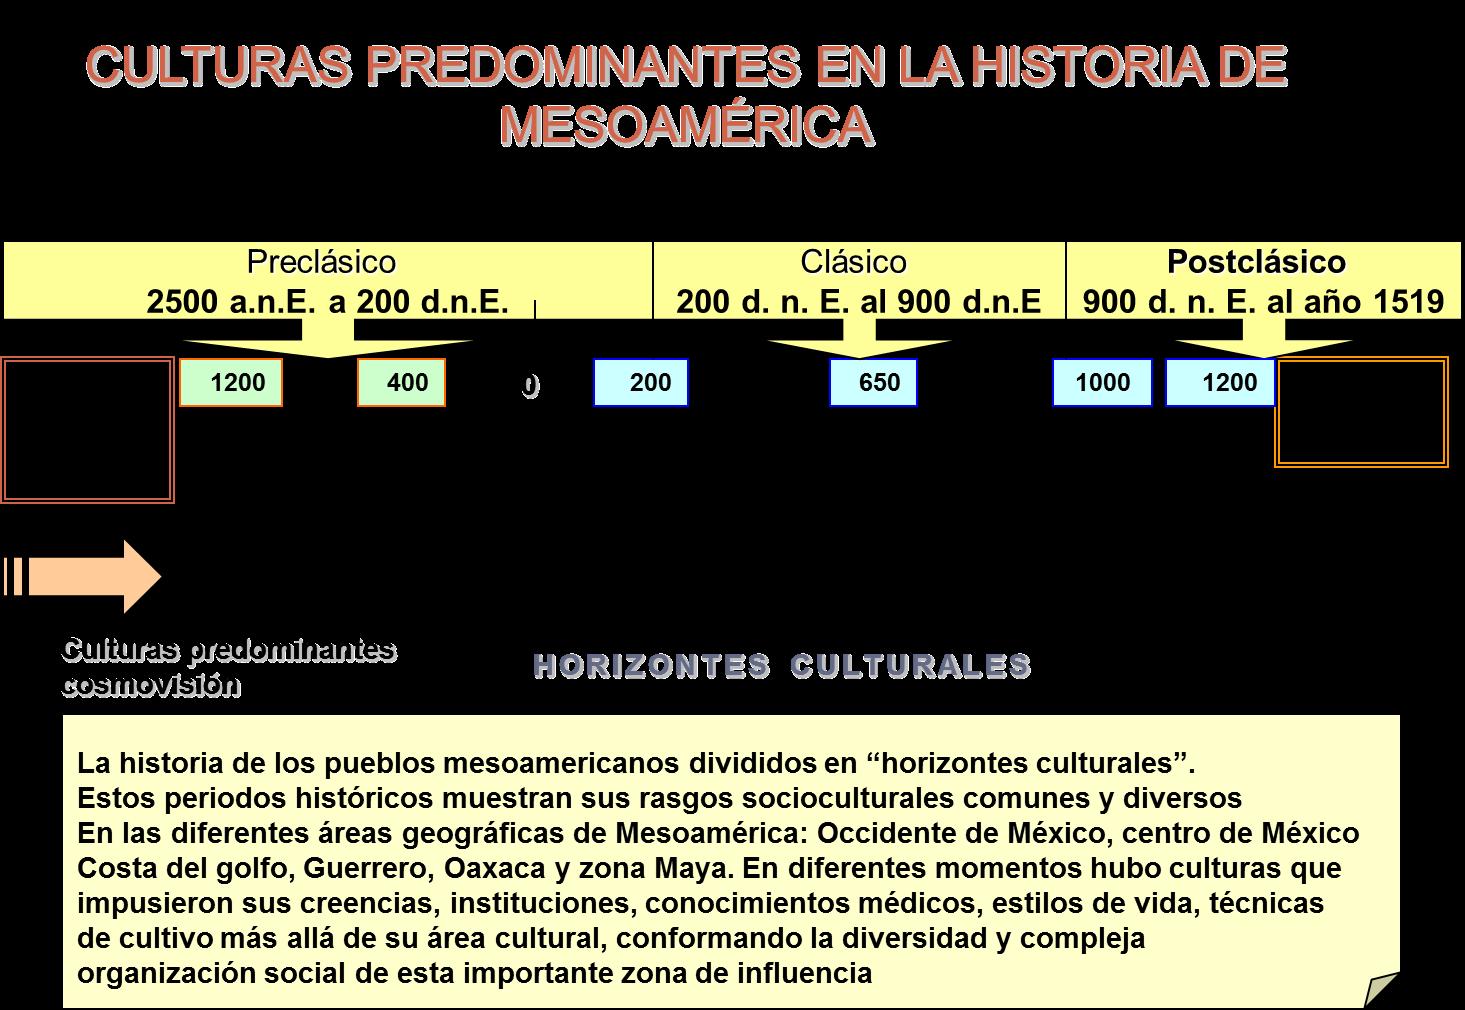 El Arte De Las Culturas Formativas De Mesoamérica: LA CULTURA: LOS HORIZONTES CULTURALES DE MESOAMÉRICA Y